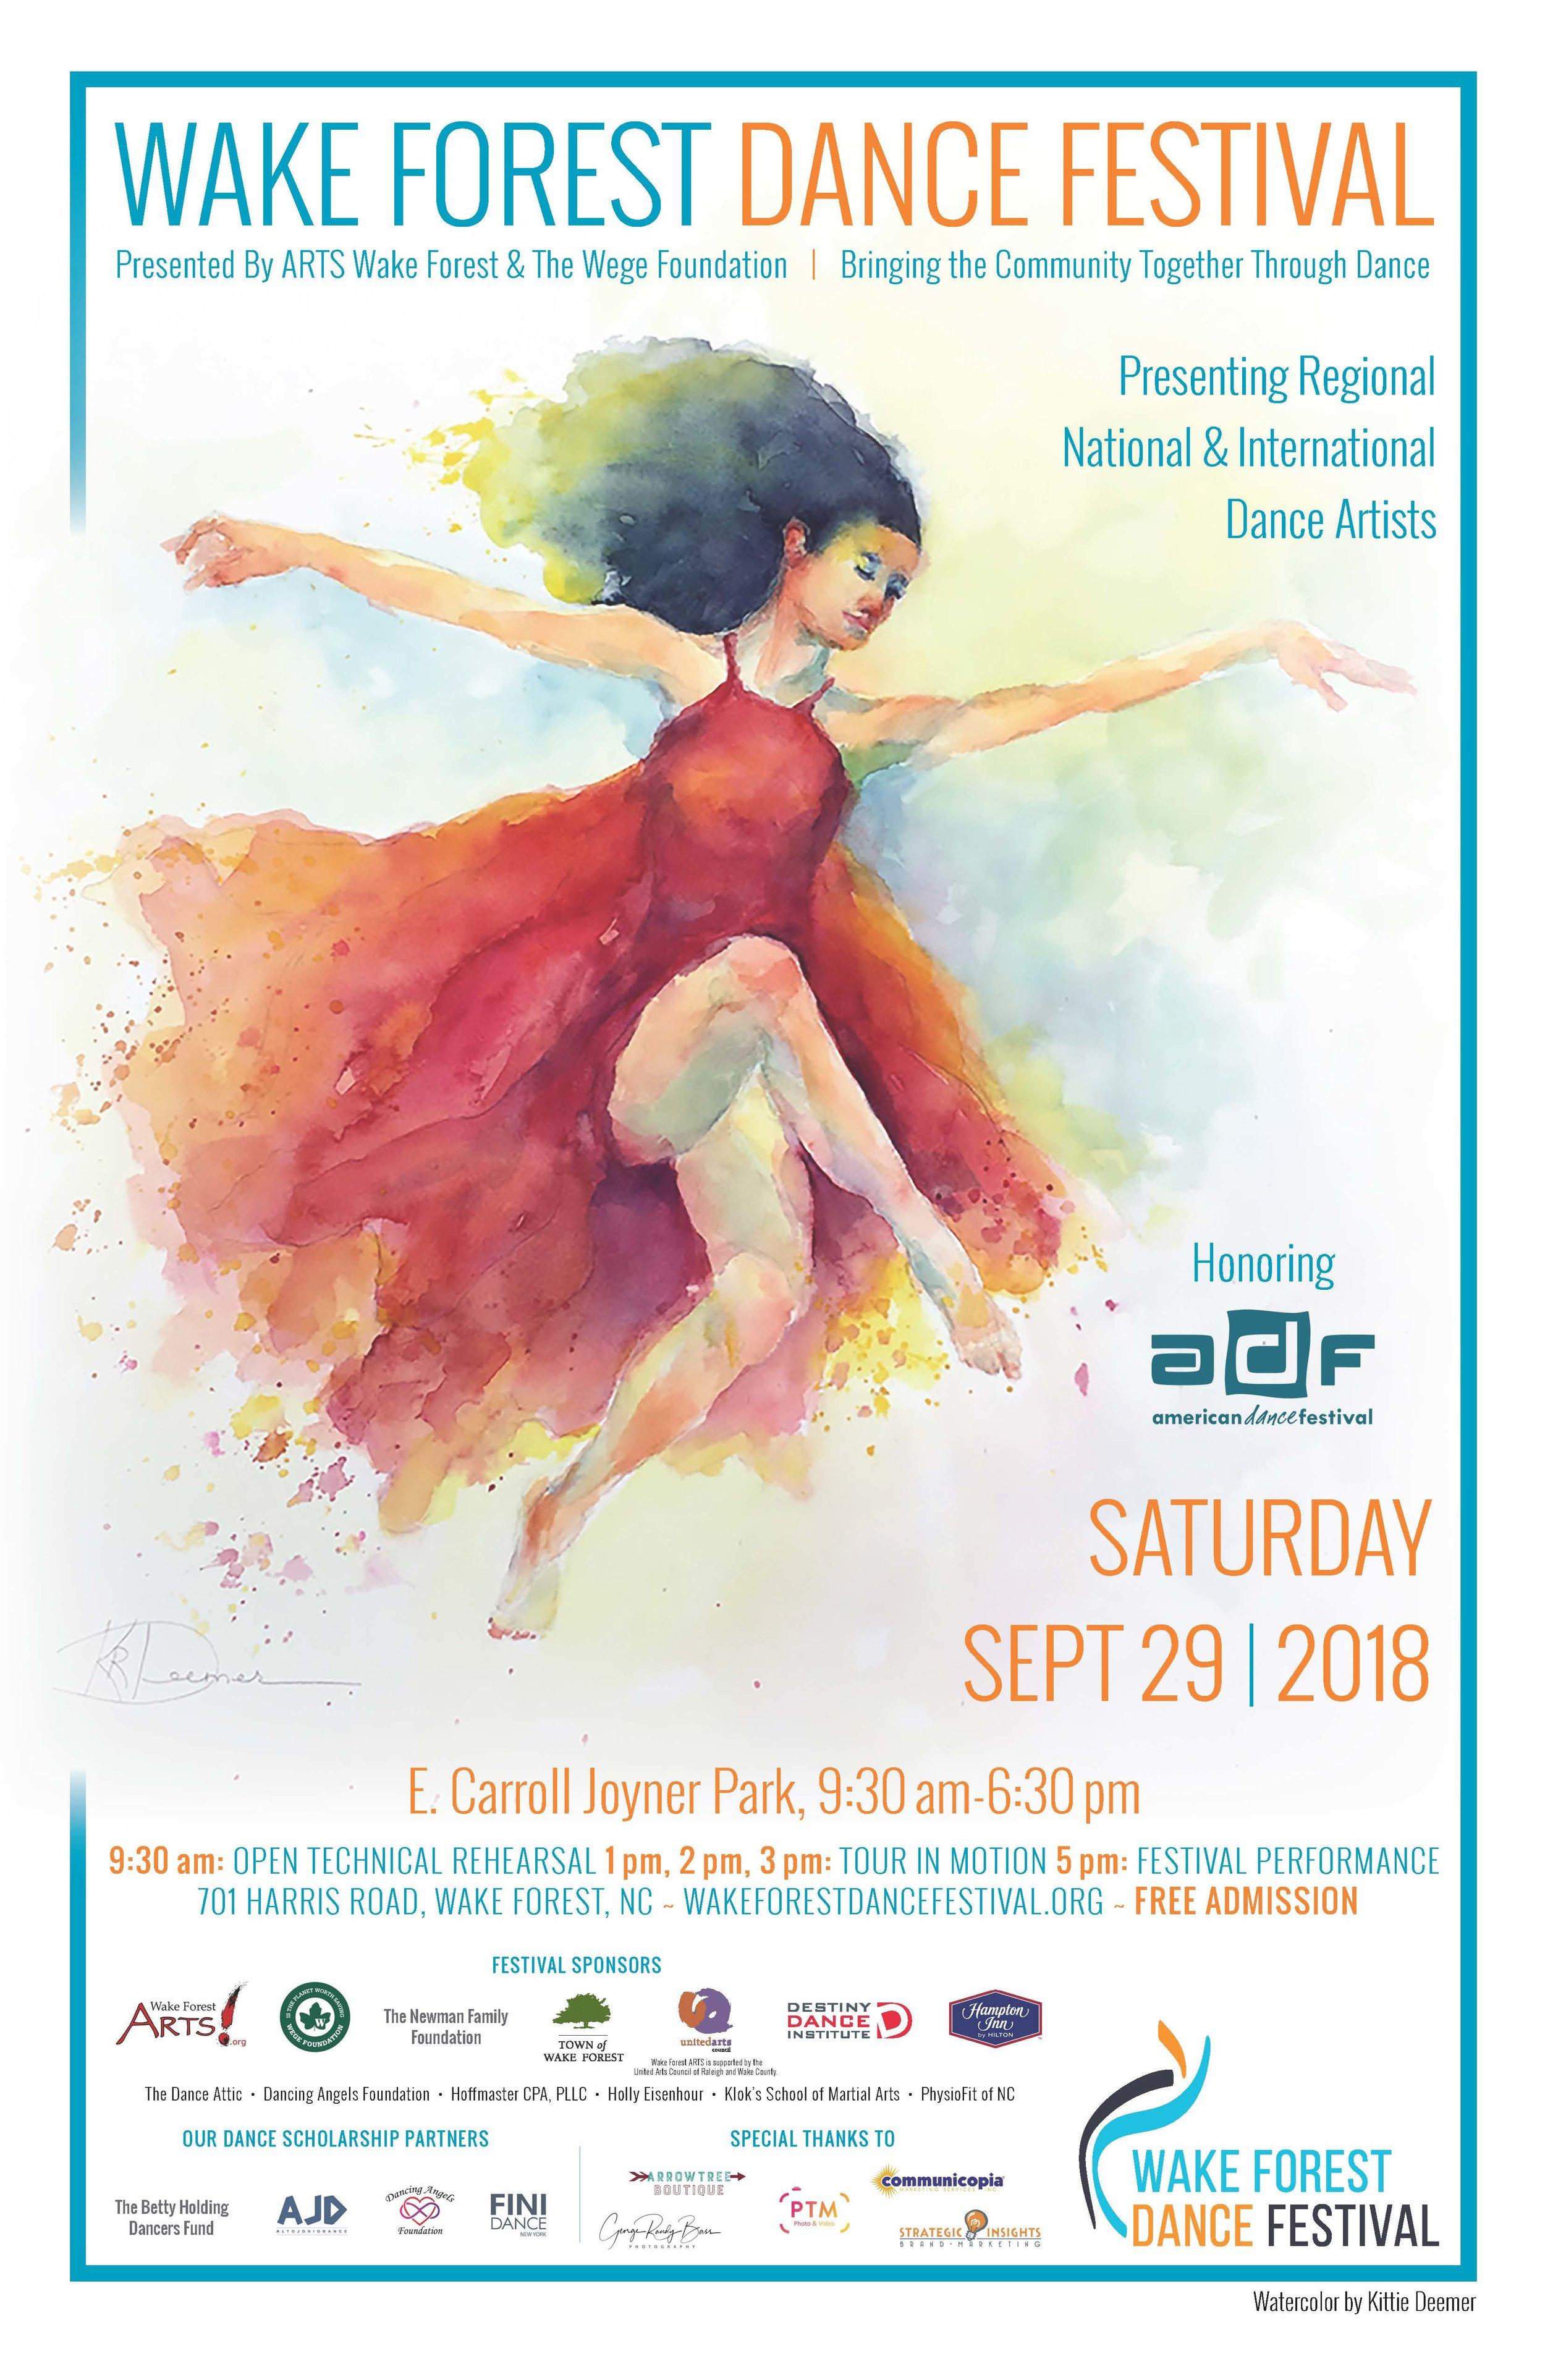 (FINAL) Dance Festival 18 Poster 11 x 17.jpg